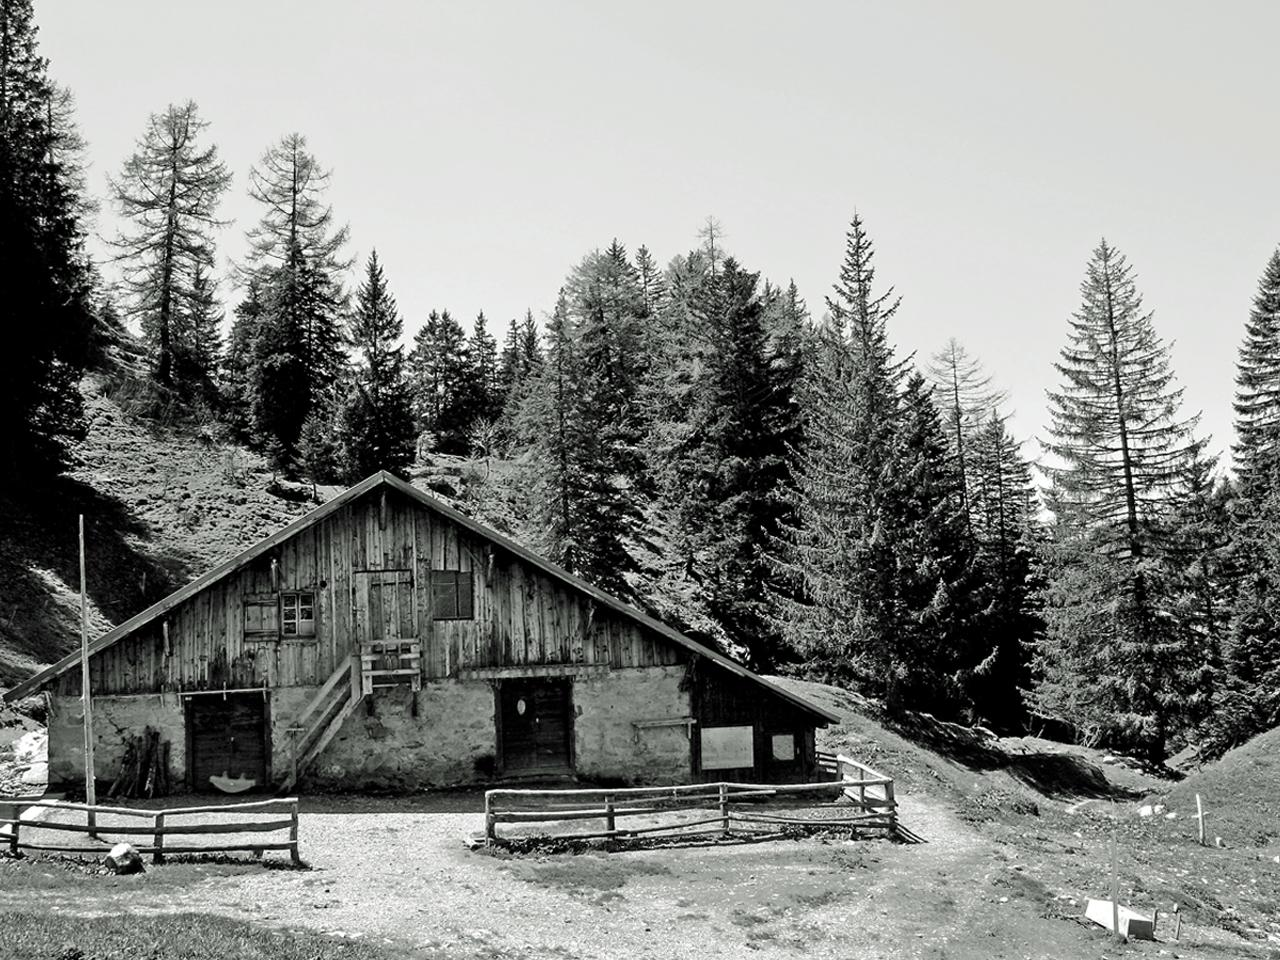 Omgeving - Oude bergboerderij